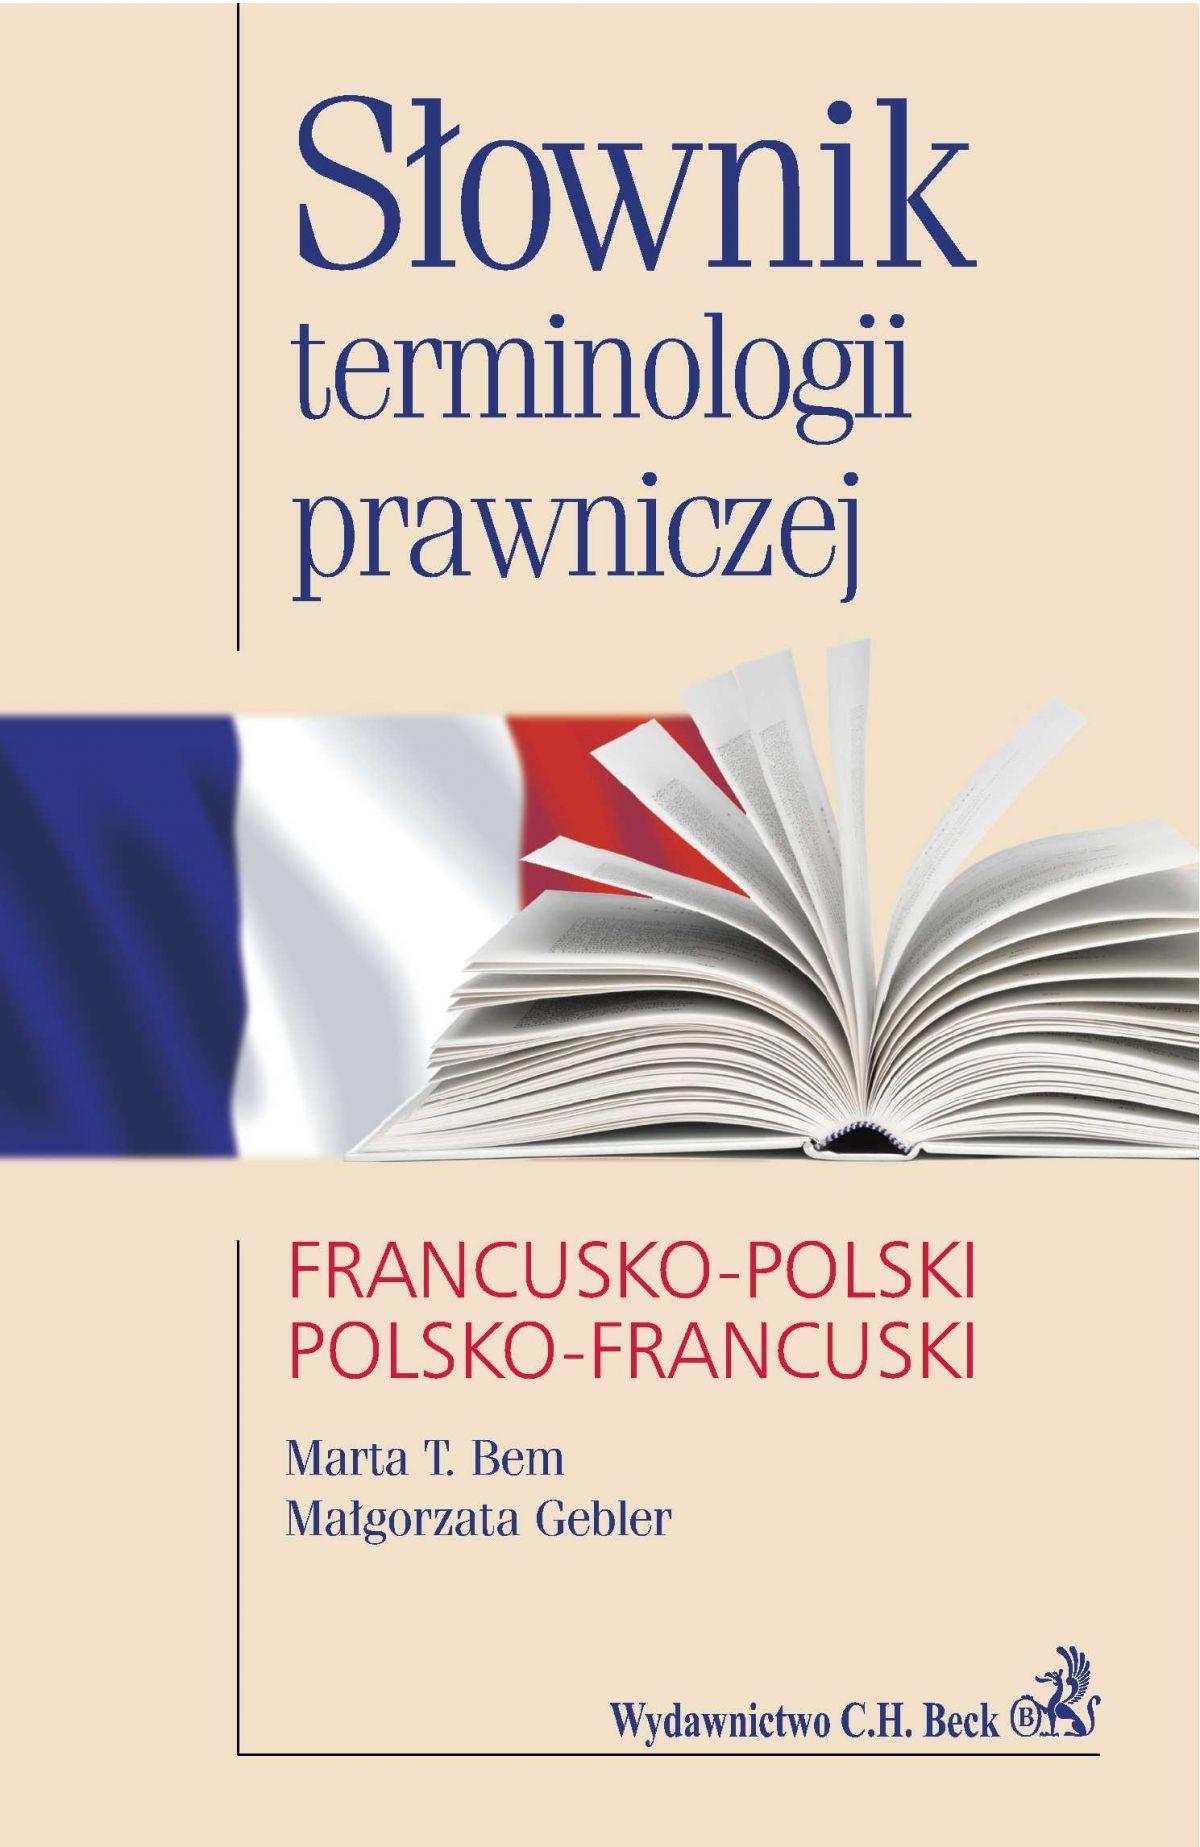 Słownik terminologii prawniczej francusko-polski polsko-francuski - Ebook (Książka PDF) do pobrania w formacie PDF